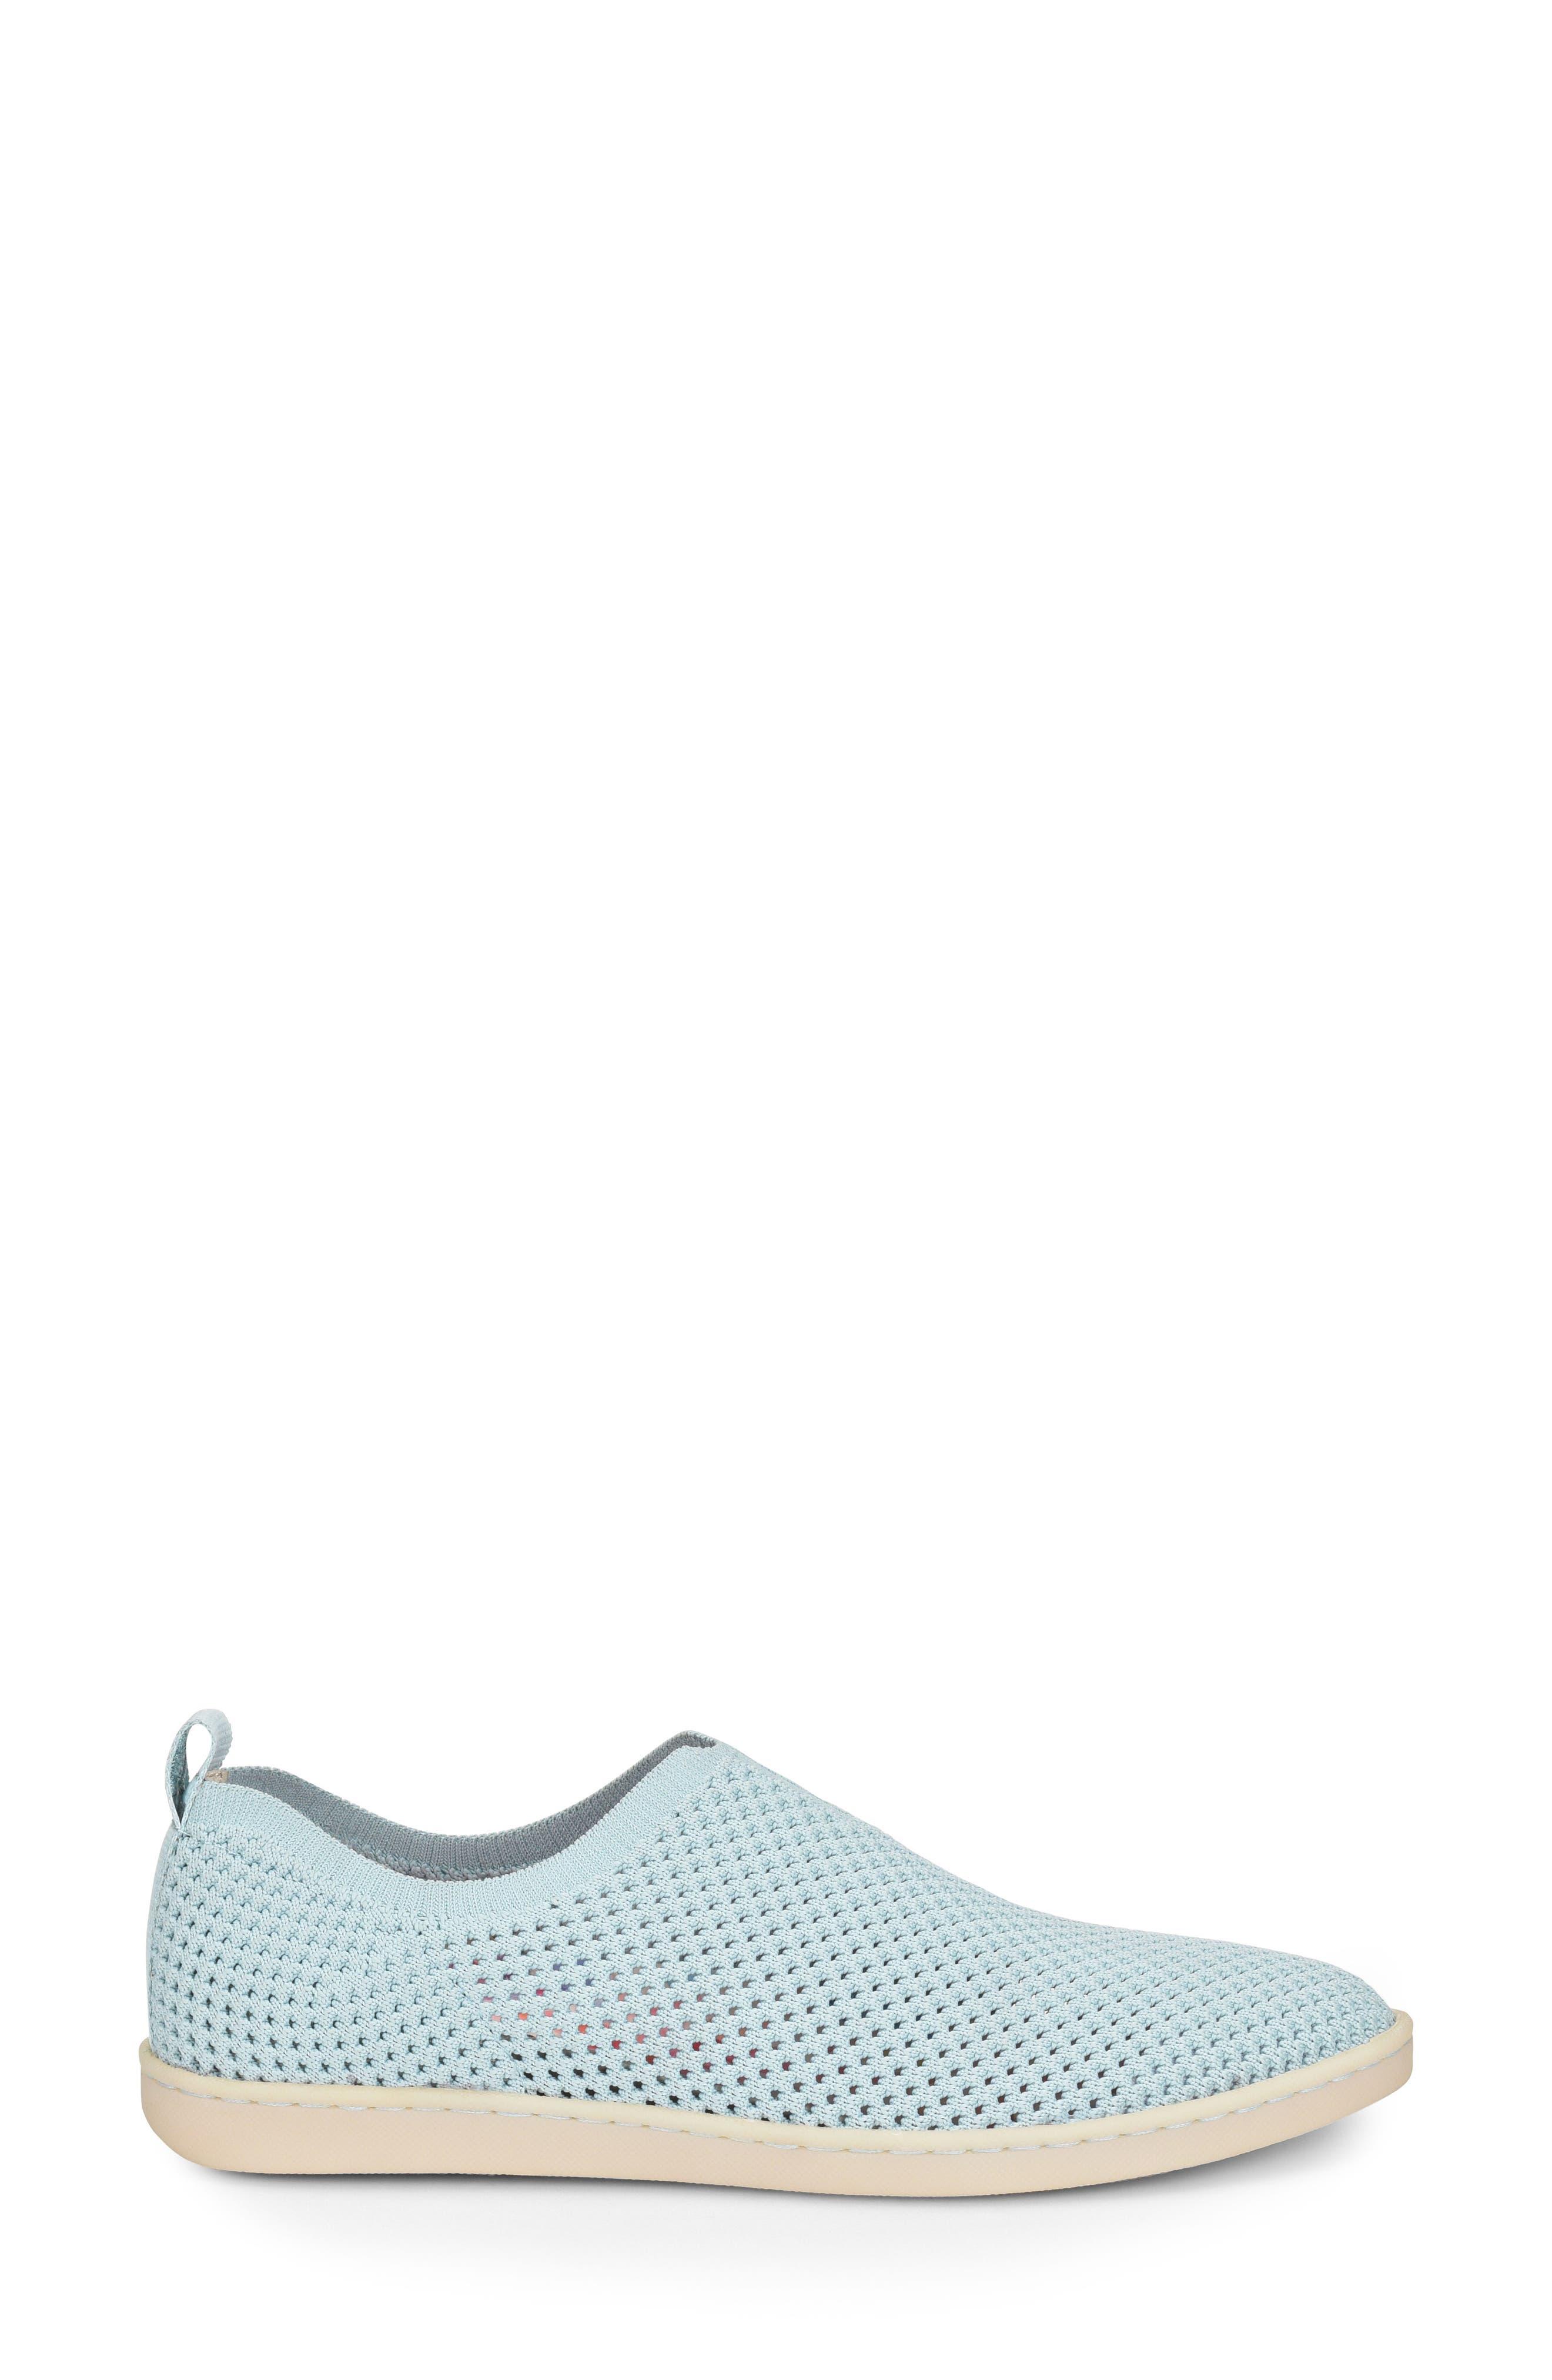 Hazy Slip-On Sneaker,                             Alternate thumbnail 14, color,